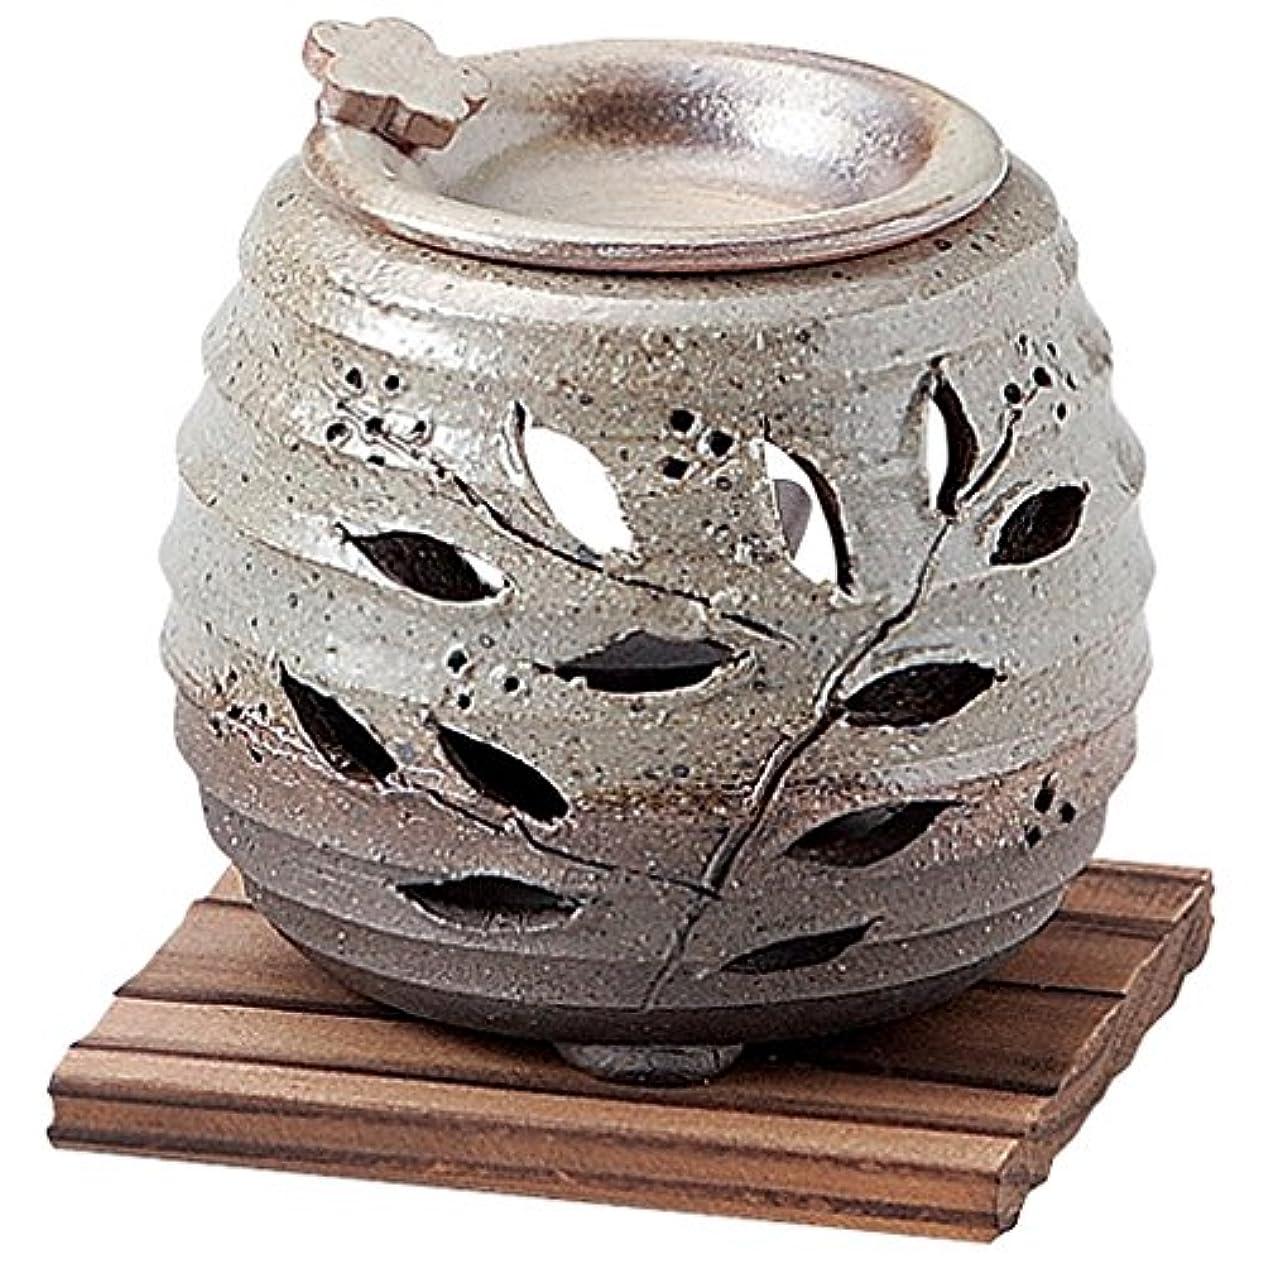 消去実行重さ山下工芸 常滑焼 石龍緑灰釉花茶香炉 板付 10.5×11×11cm 13045750